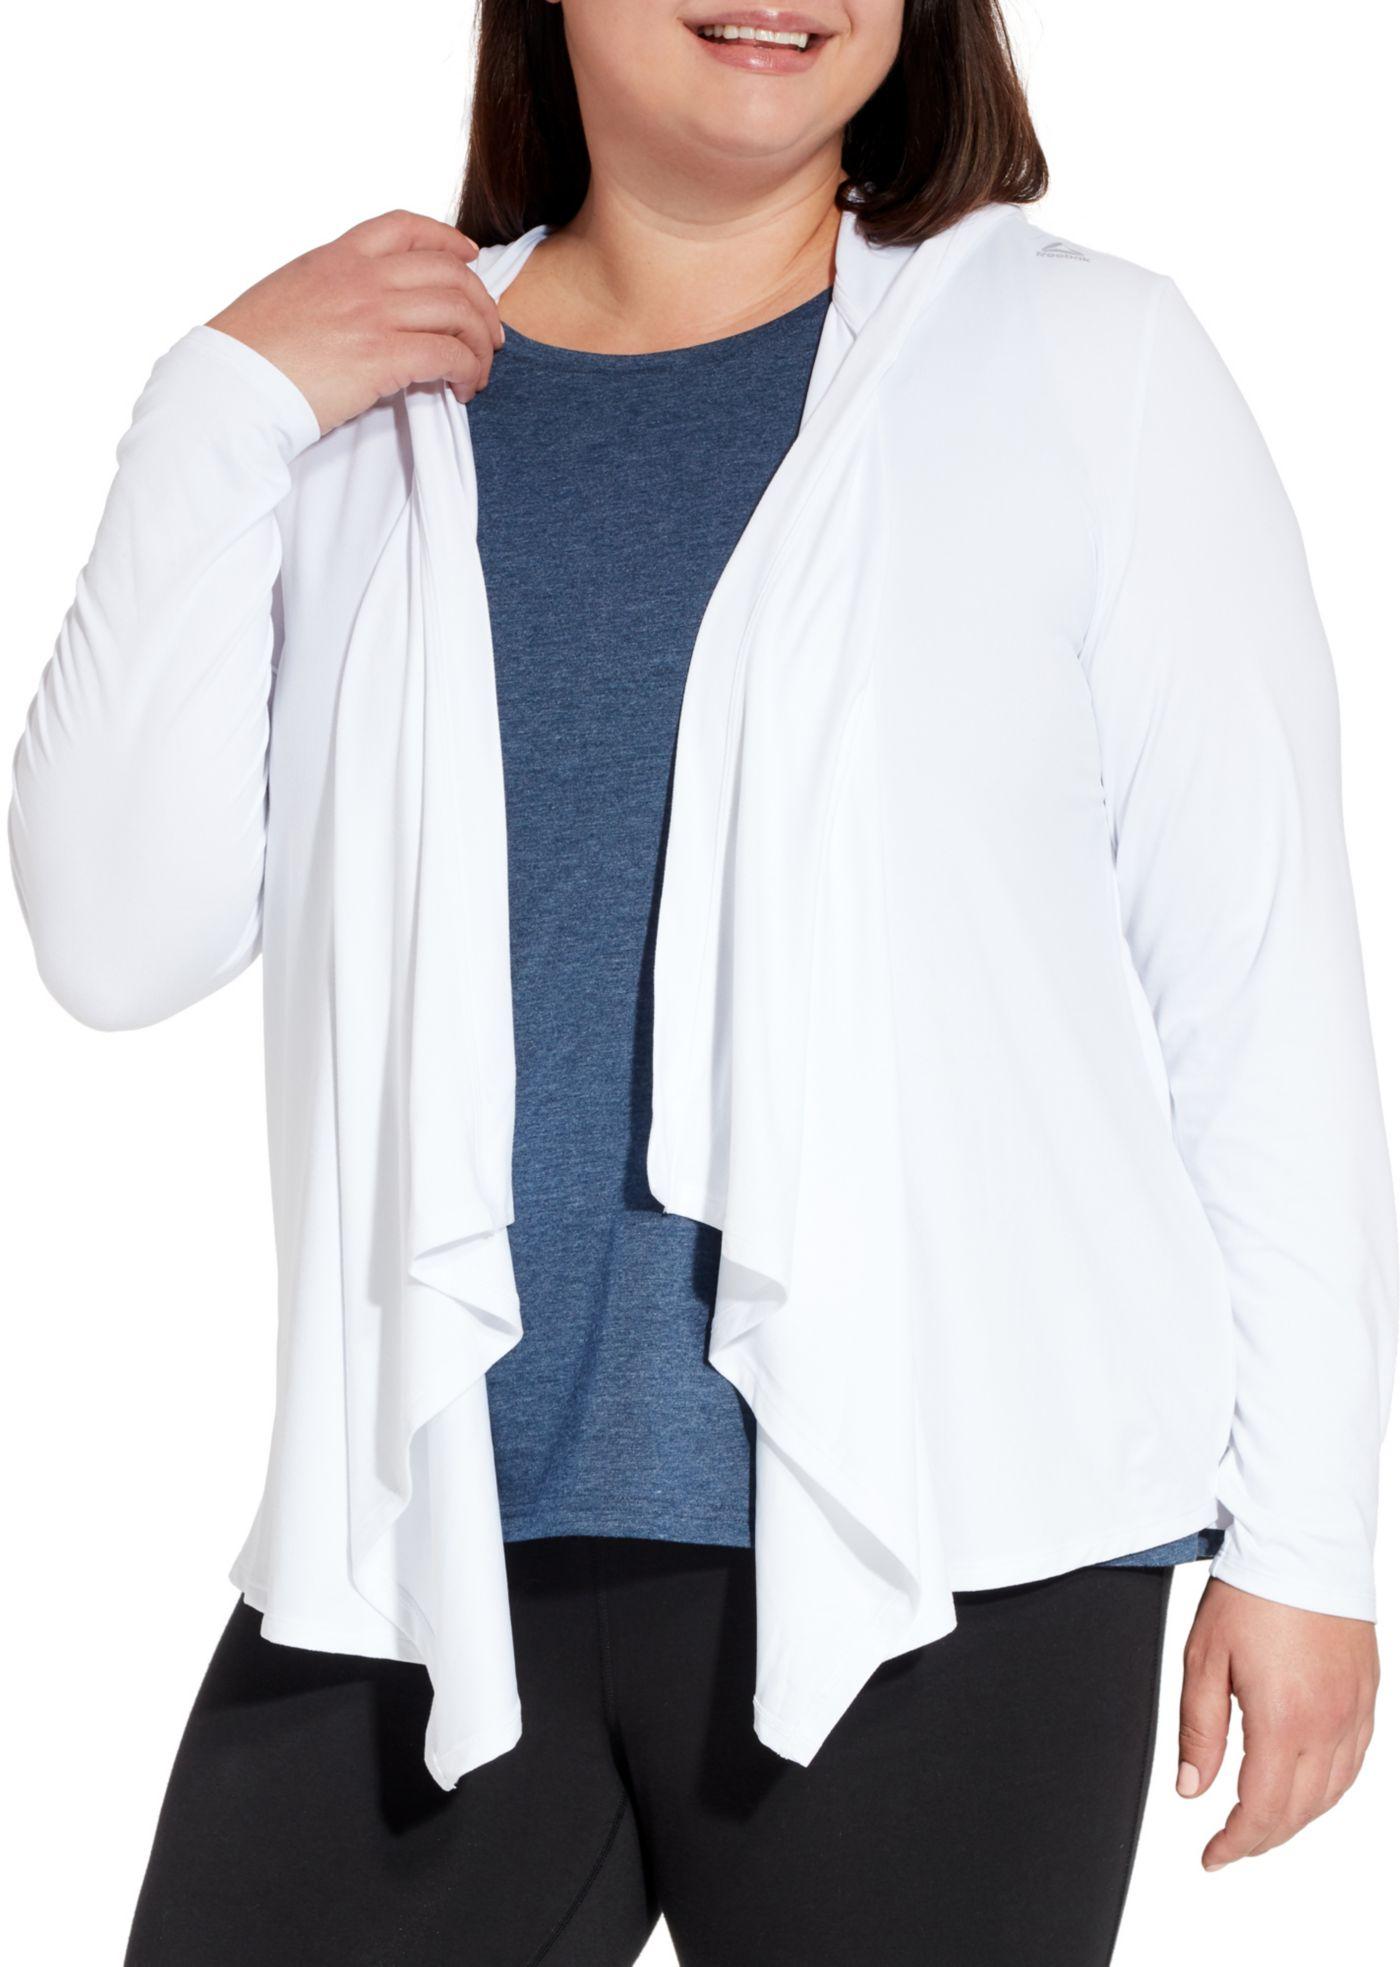 Reebok Women's Plus Size 24/7 Hooded Cardigan